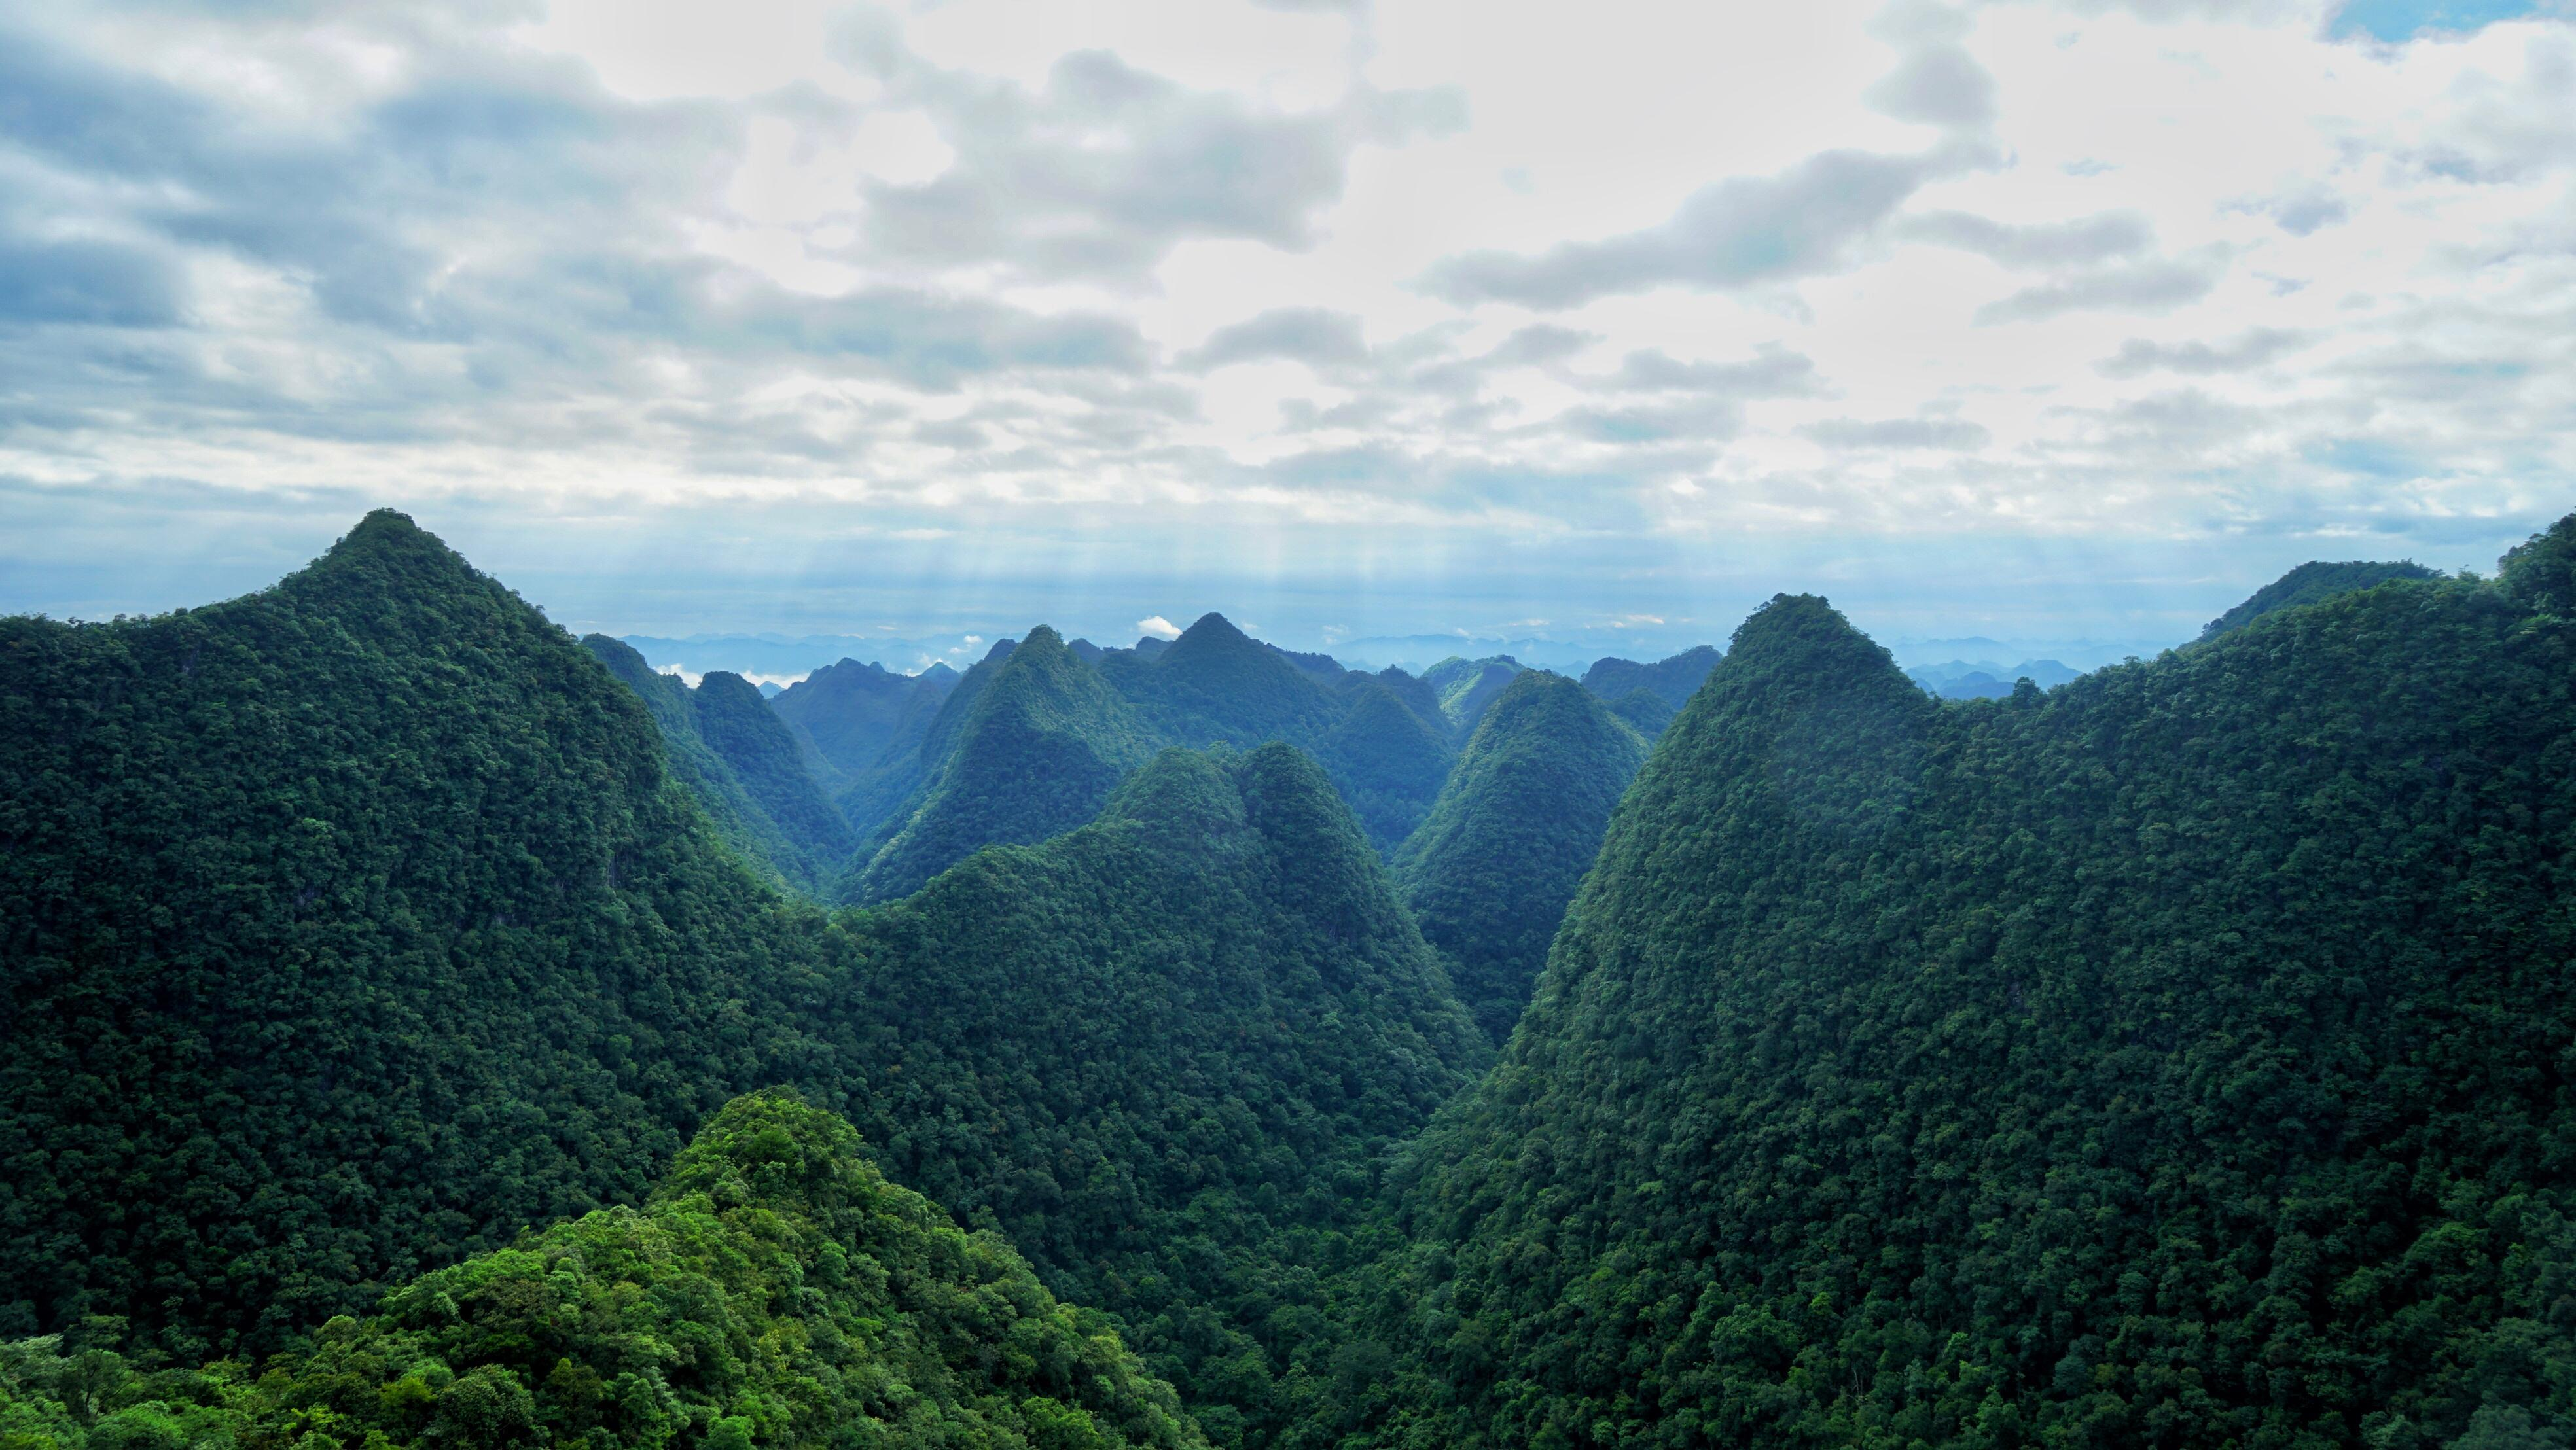 贵州隐藏仙境,入选世遗名录和选美中国